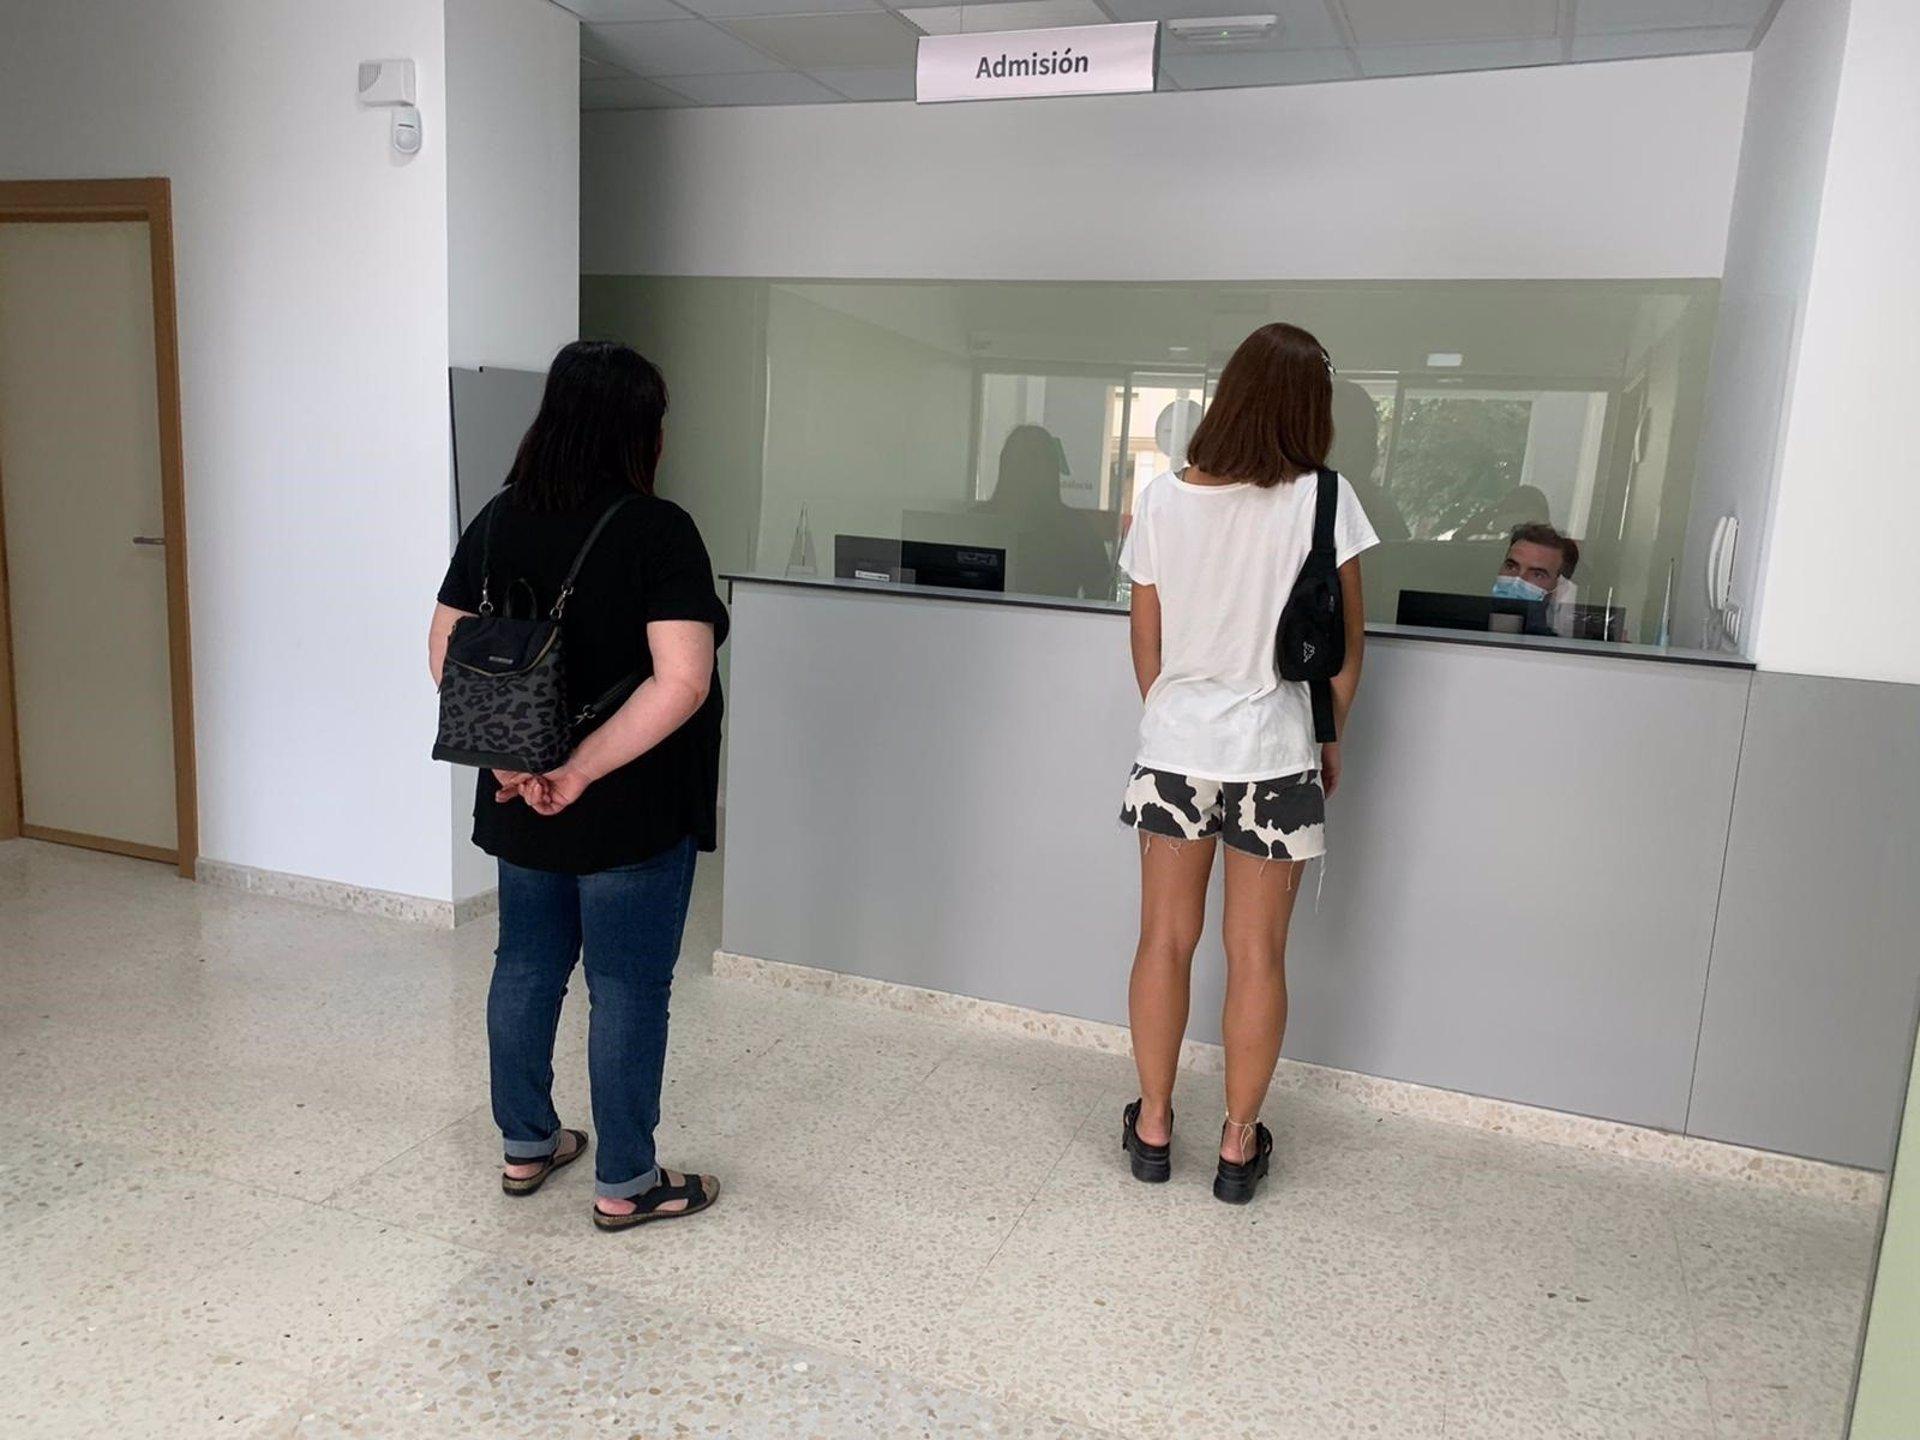 Baza y Benamaurel cuentan desde hoy con urgencias 24 horas en sus centros de salud